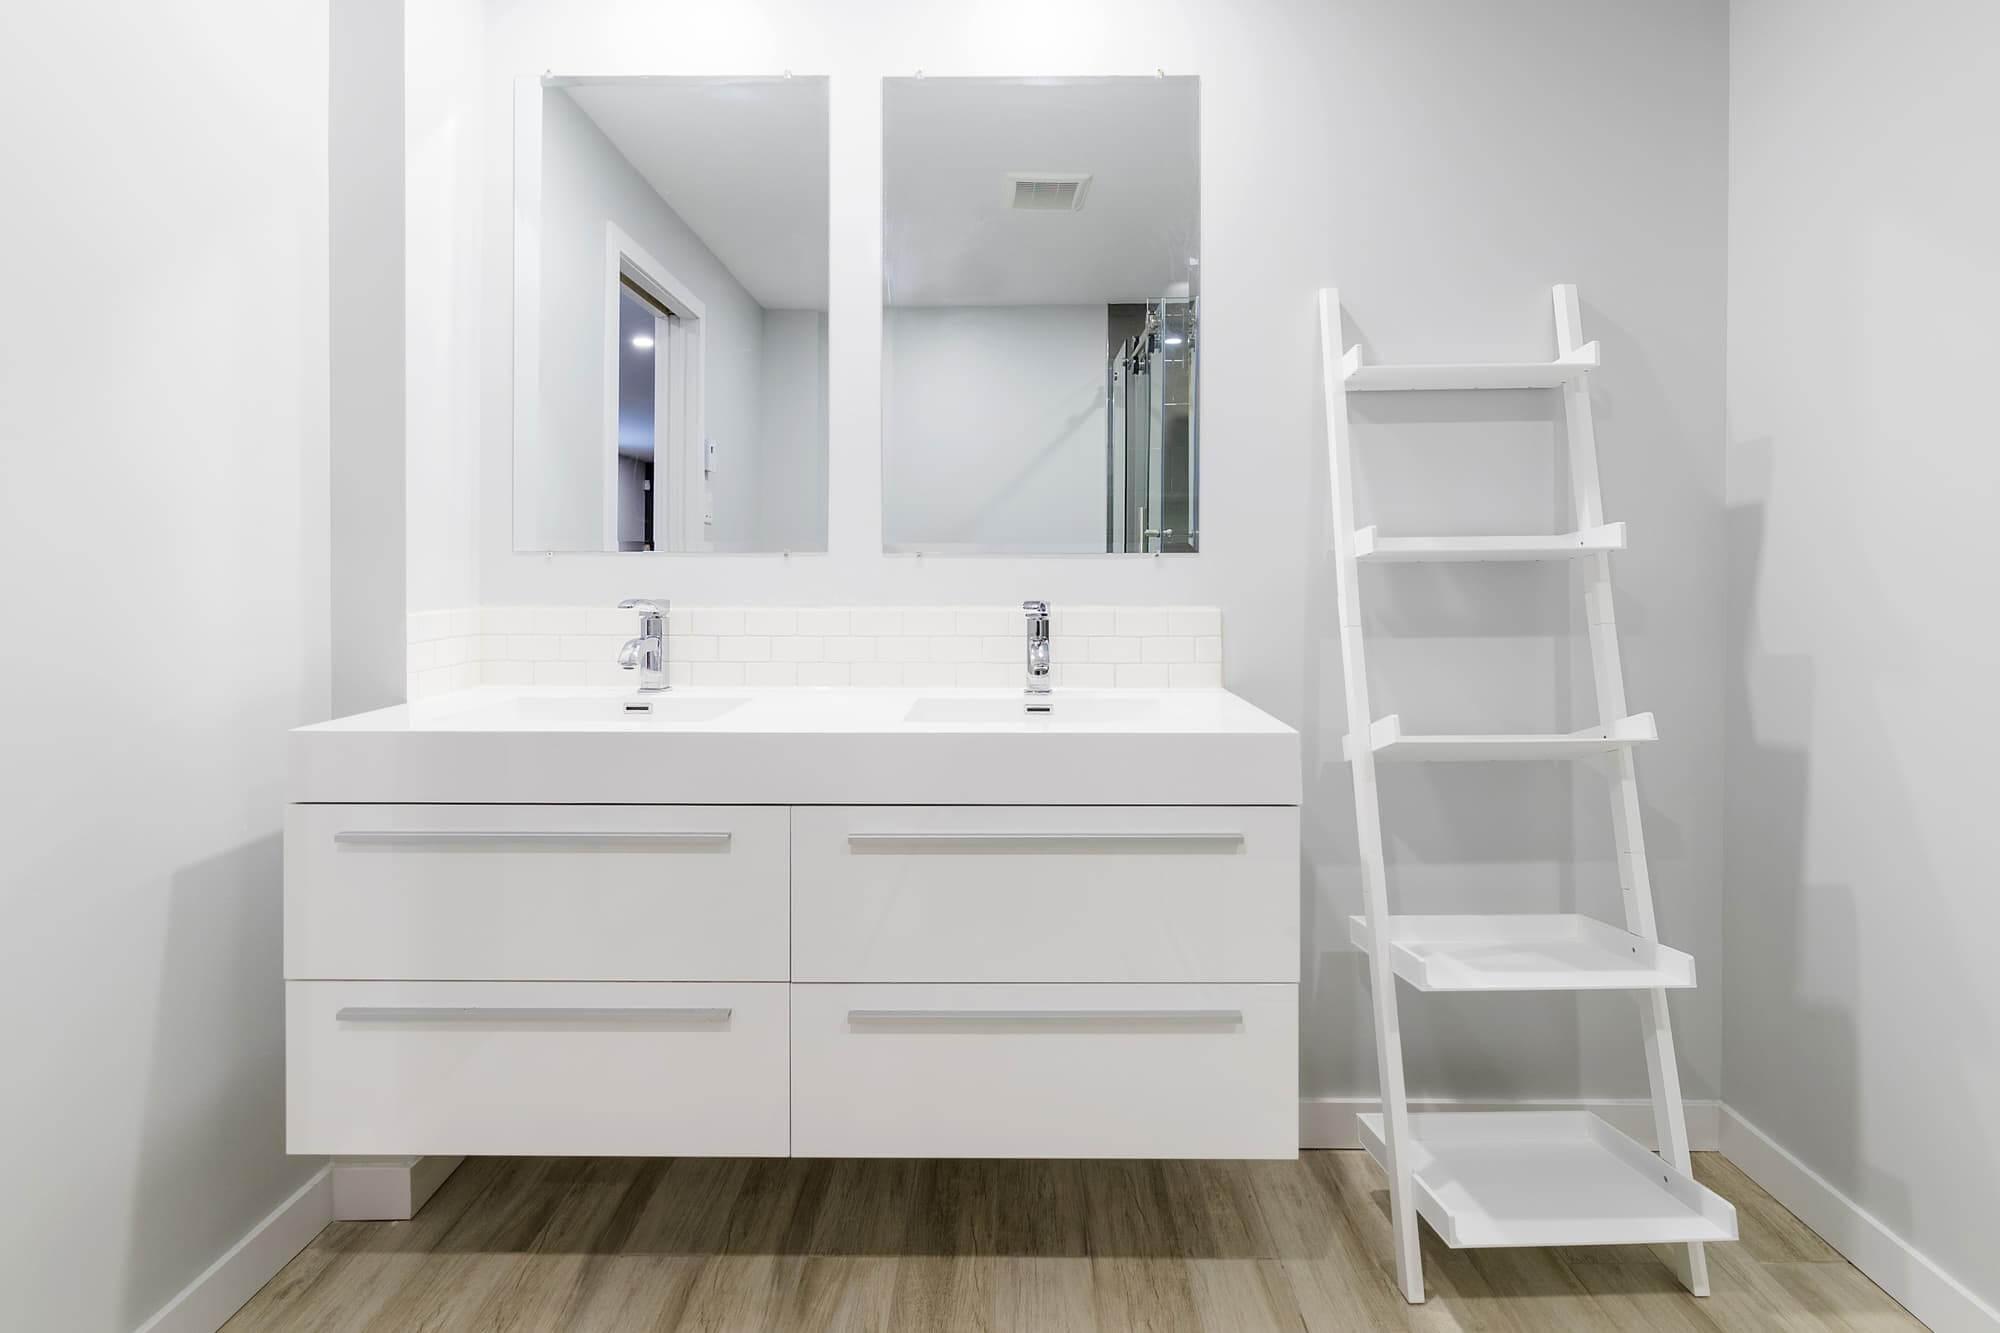 Vanité blanche dans une salle de bain rénovée au sous-sol